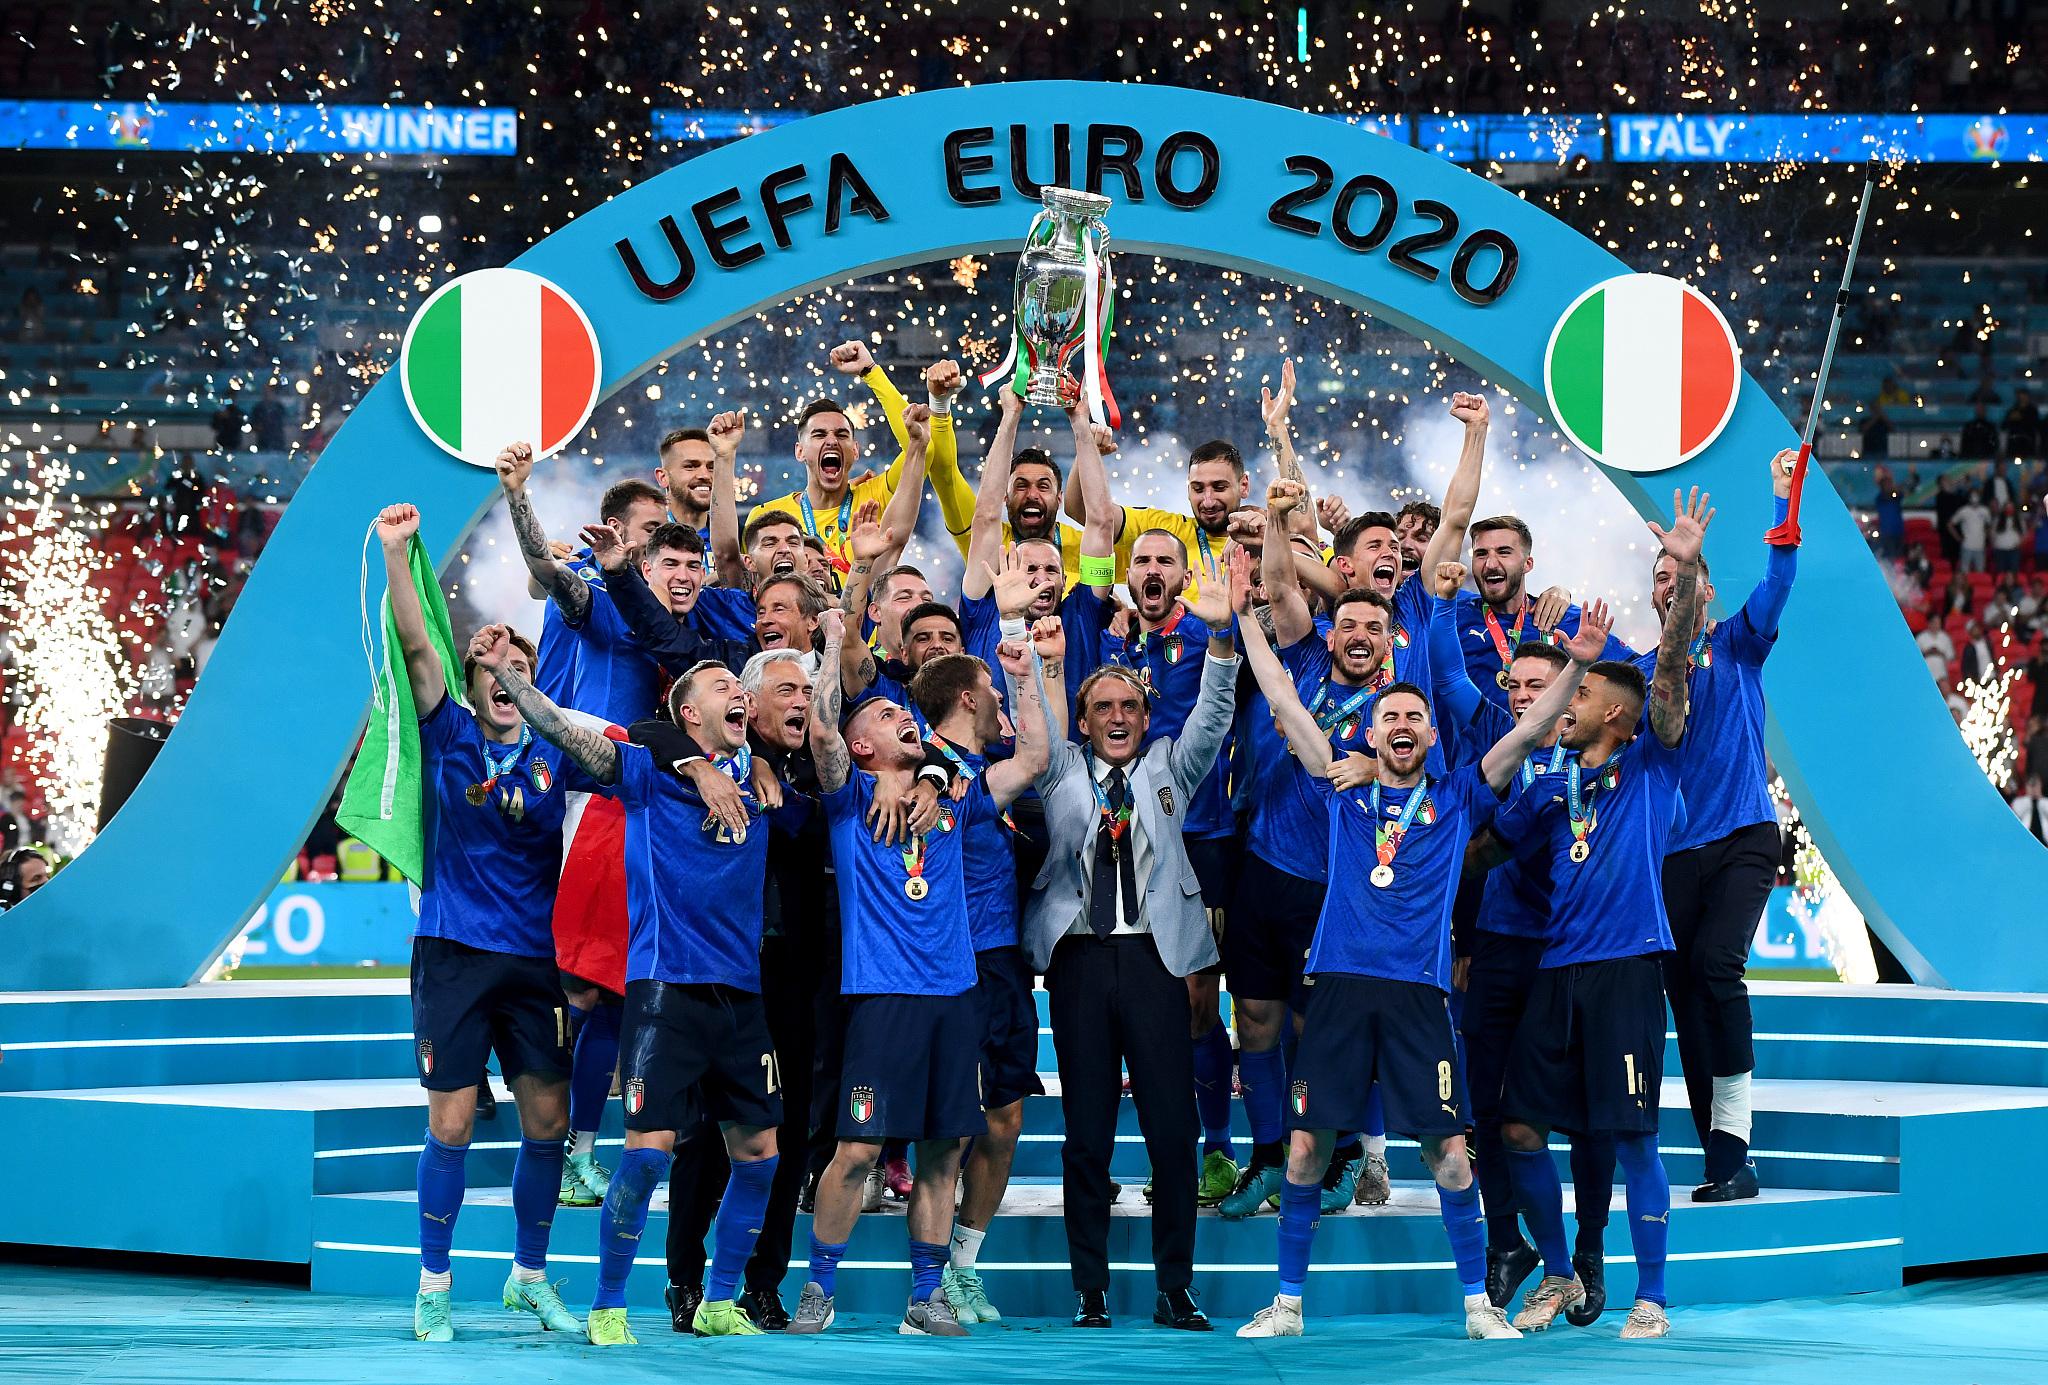 Euro 2020: Matchday 6 roundup